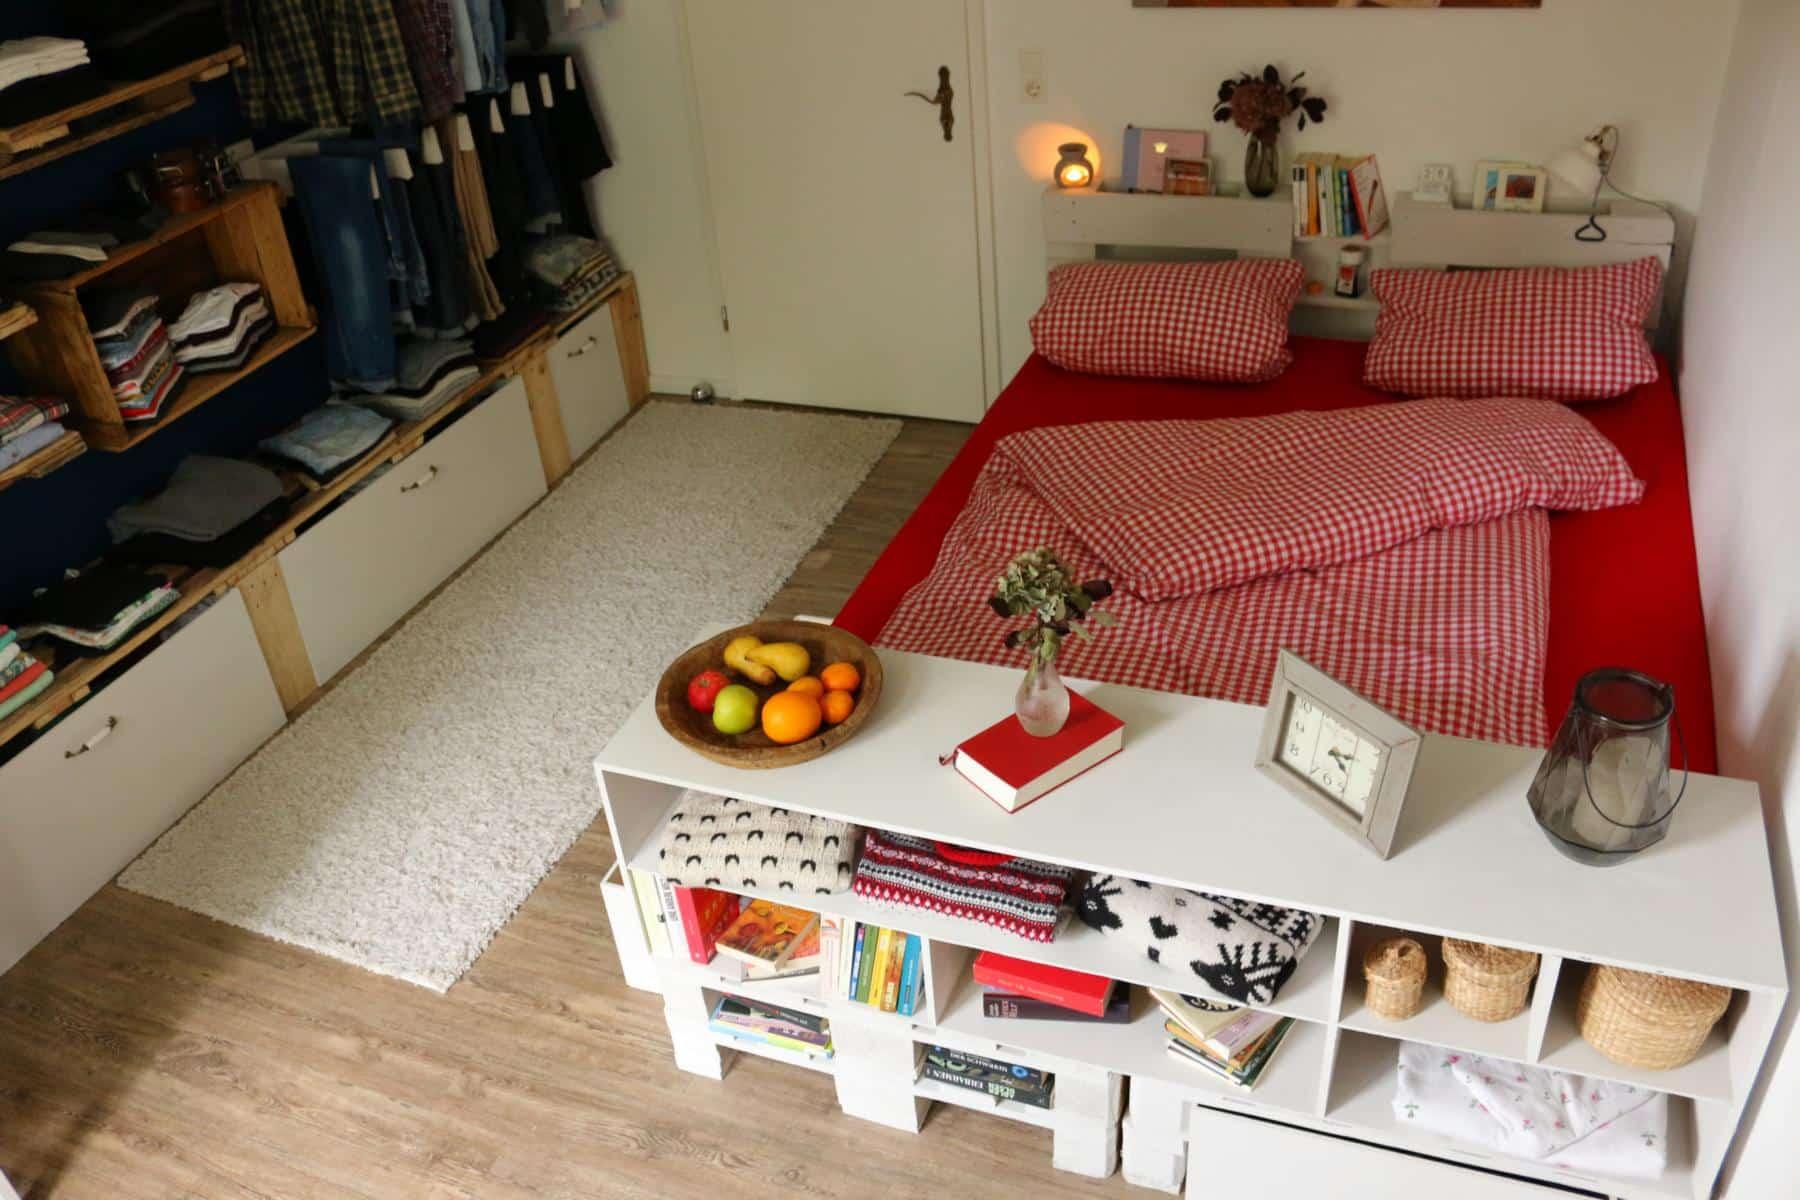 Palettenbett-kaufen-Bett aus Europaletten-Palettenmöbel (3)